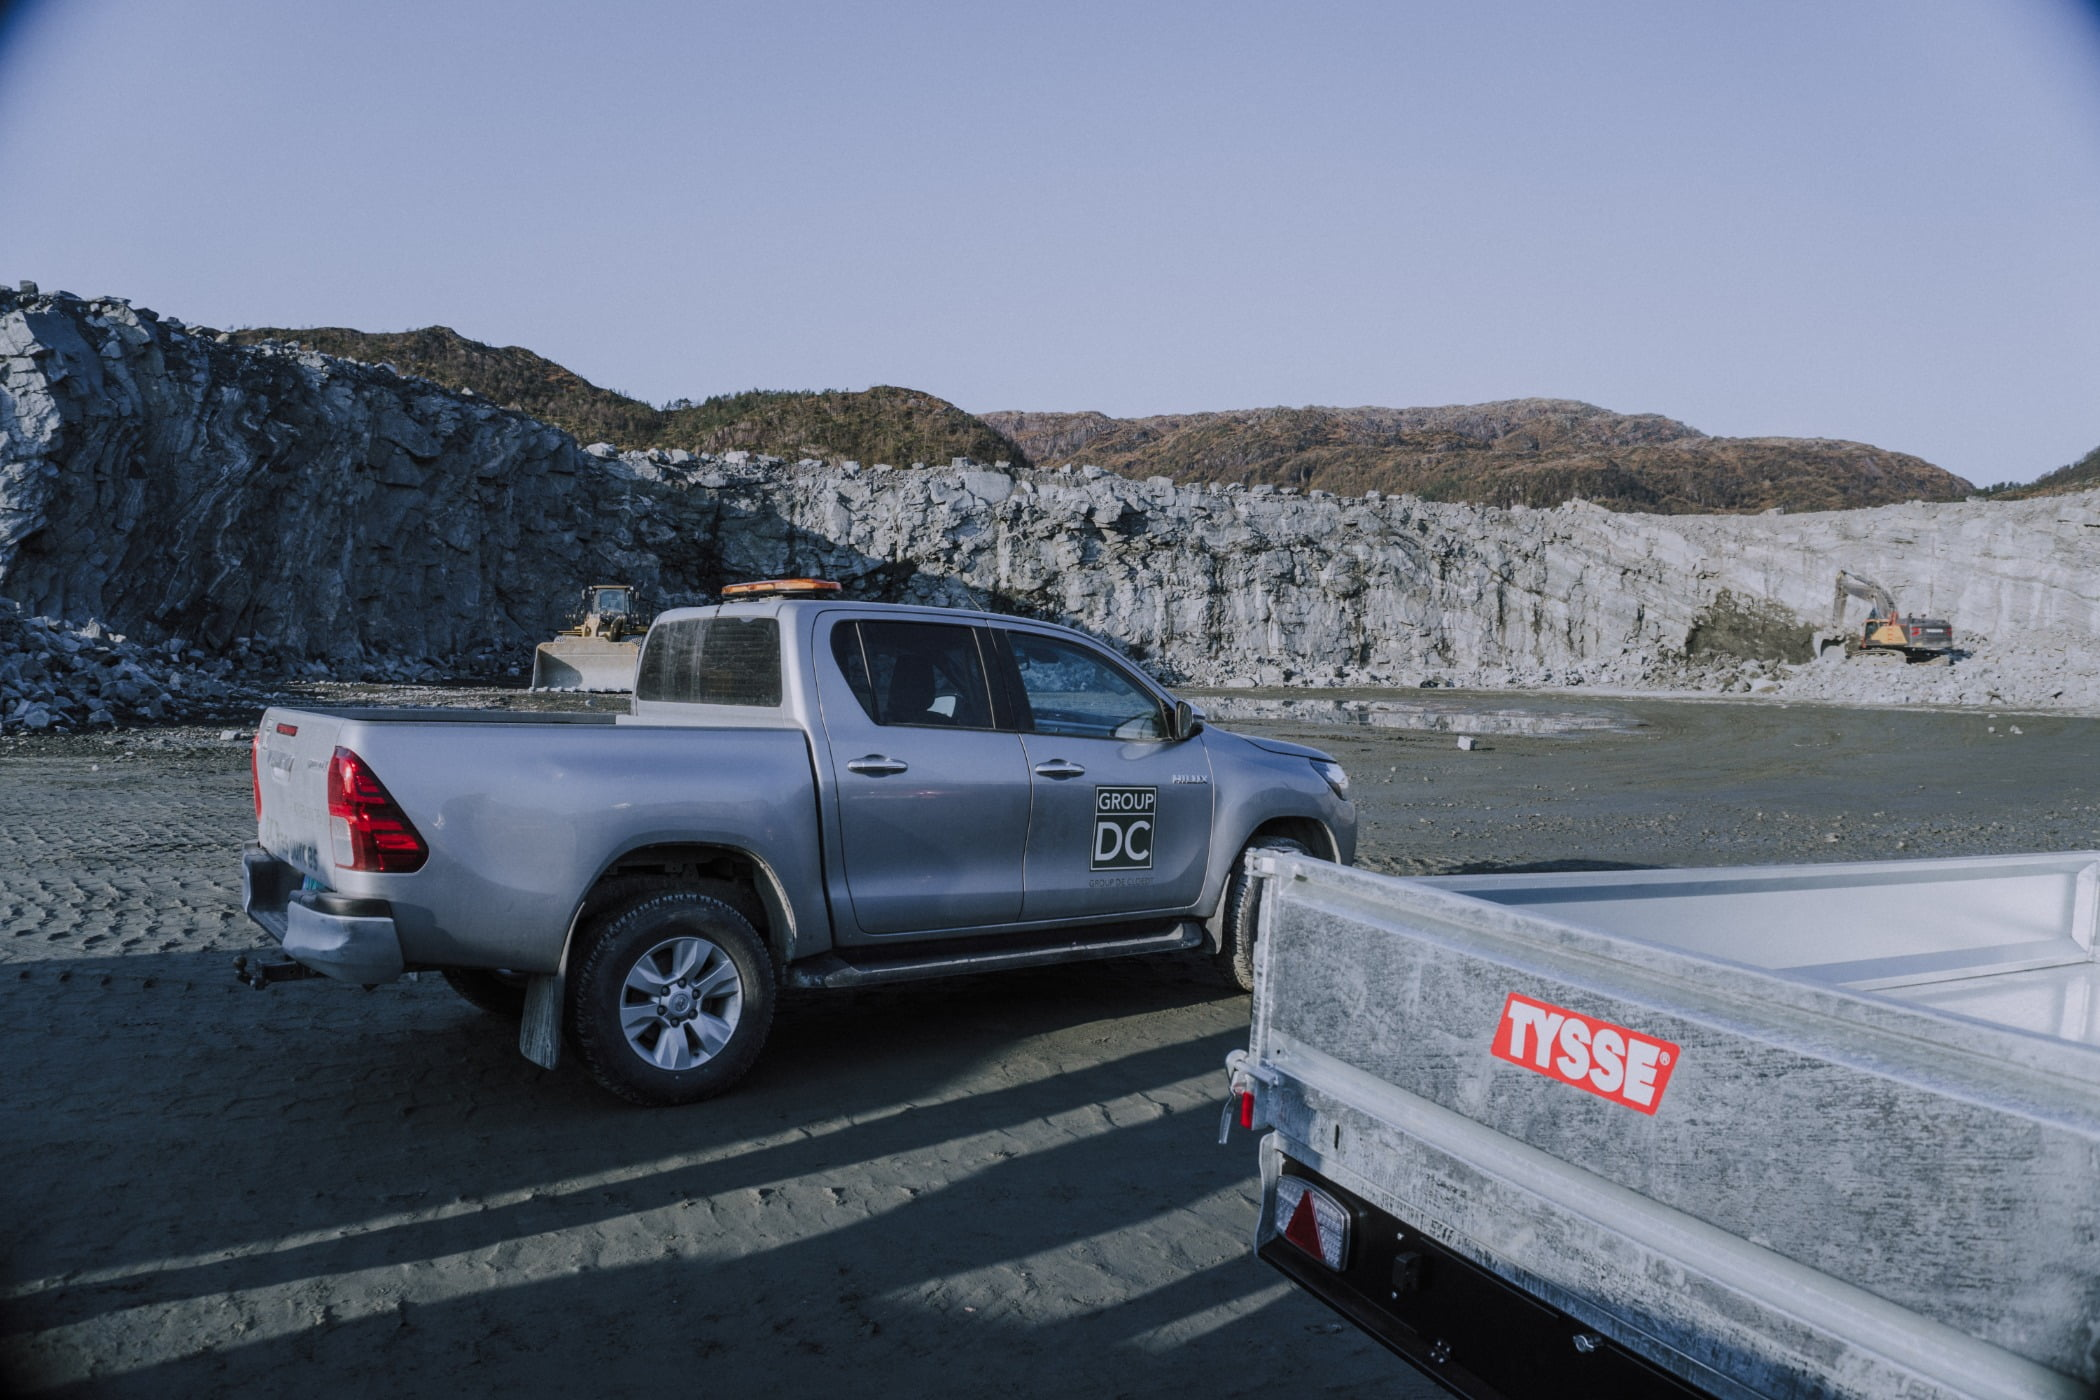 Automotive tail  brake light, Land vehicle, Pickup truck, Landscape